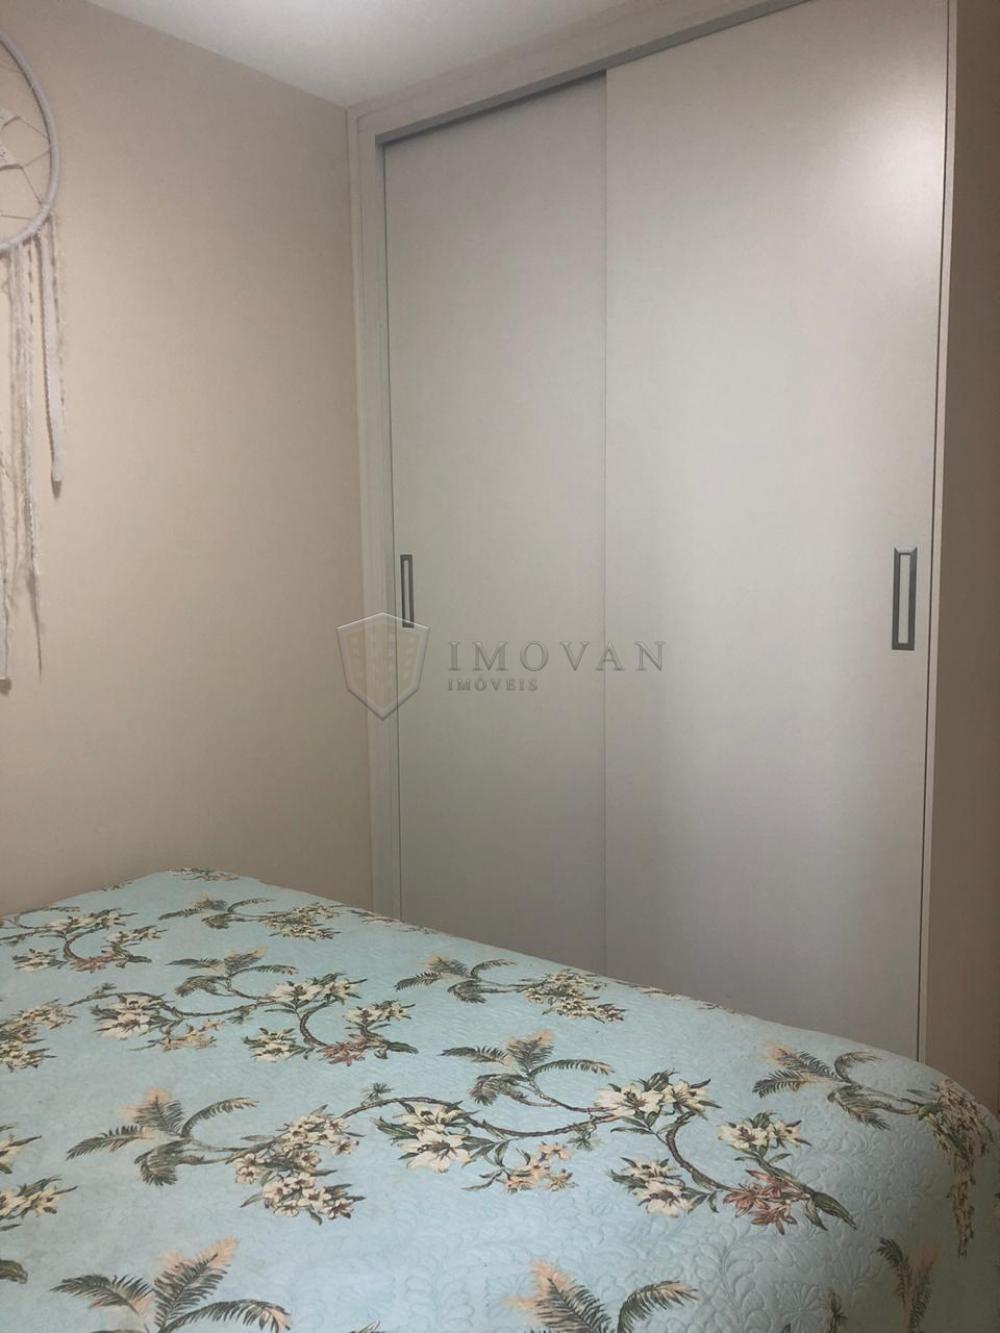 Comprar Apartamento / Padrão em Ribeirão Preto apenas R$ 495.000,00 - Foto 16